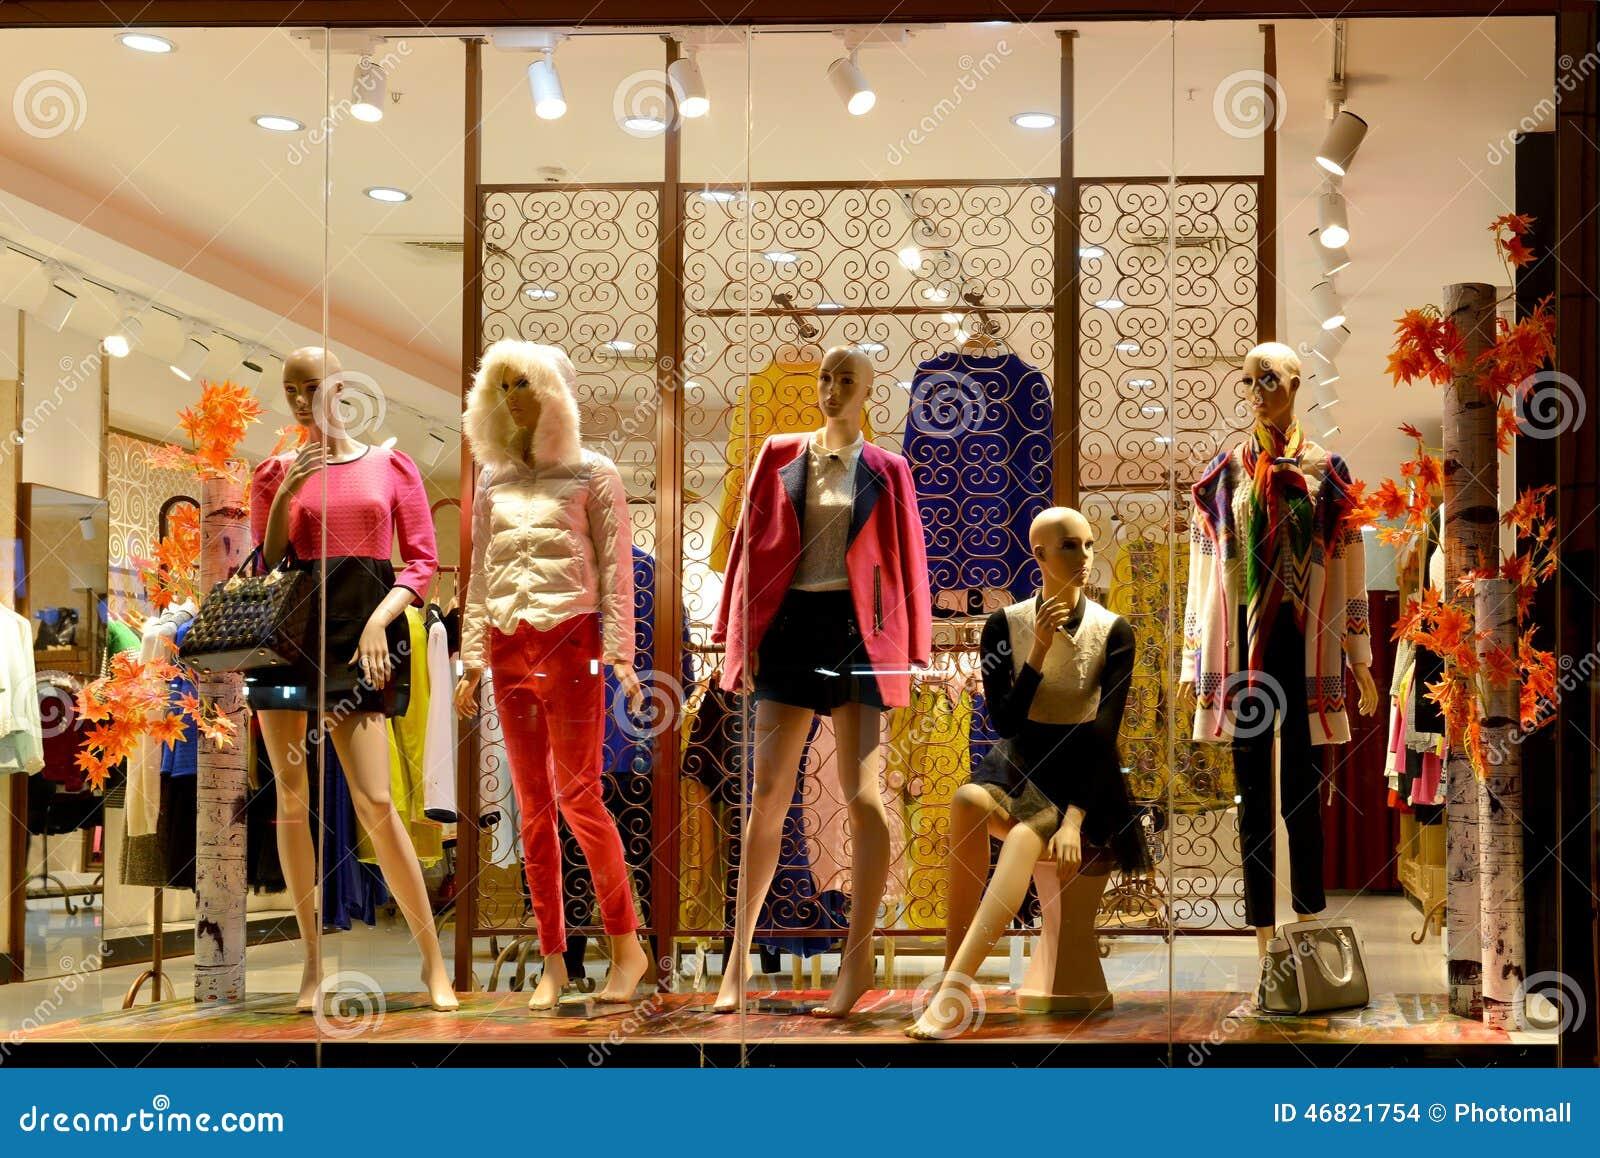 Παράθυρο μπουτίκ, κατάστημα ιματισμού μόδας, παράθυρο καταστημάτων μόδας στη λεωφόρο αγορών, προθήκη φορεμάτων που λαμβάνεται τη